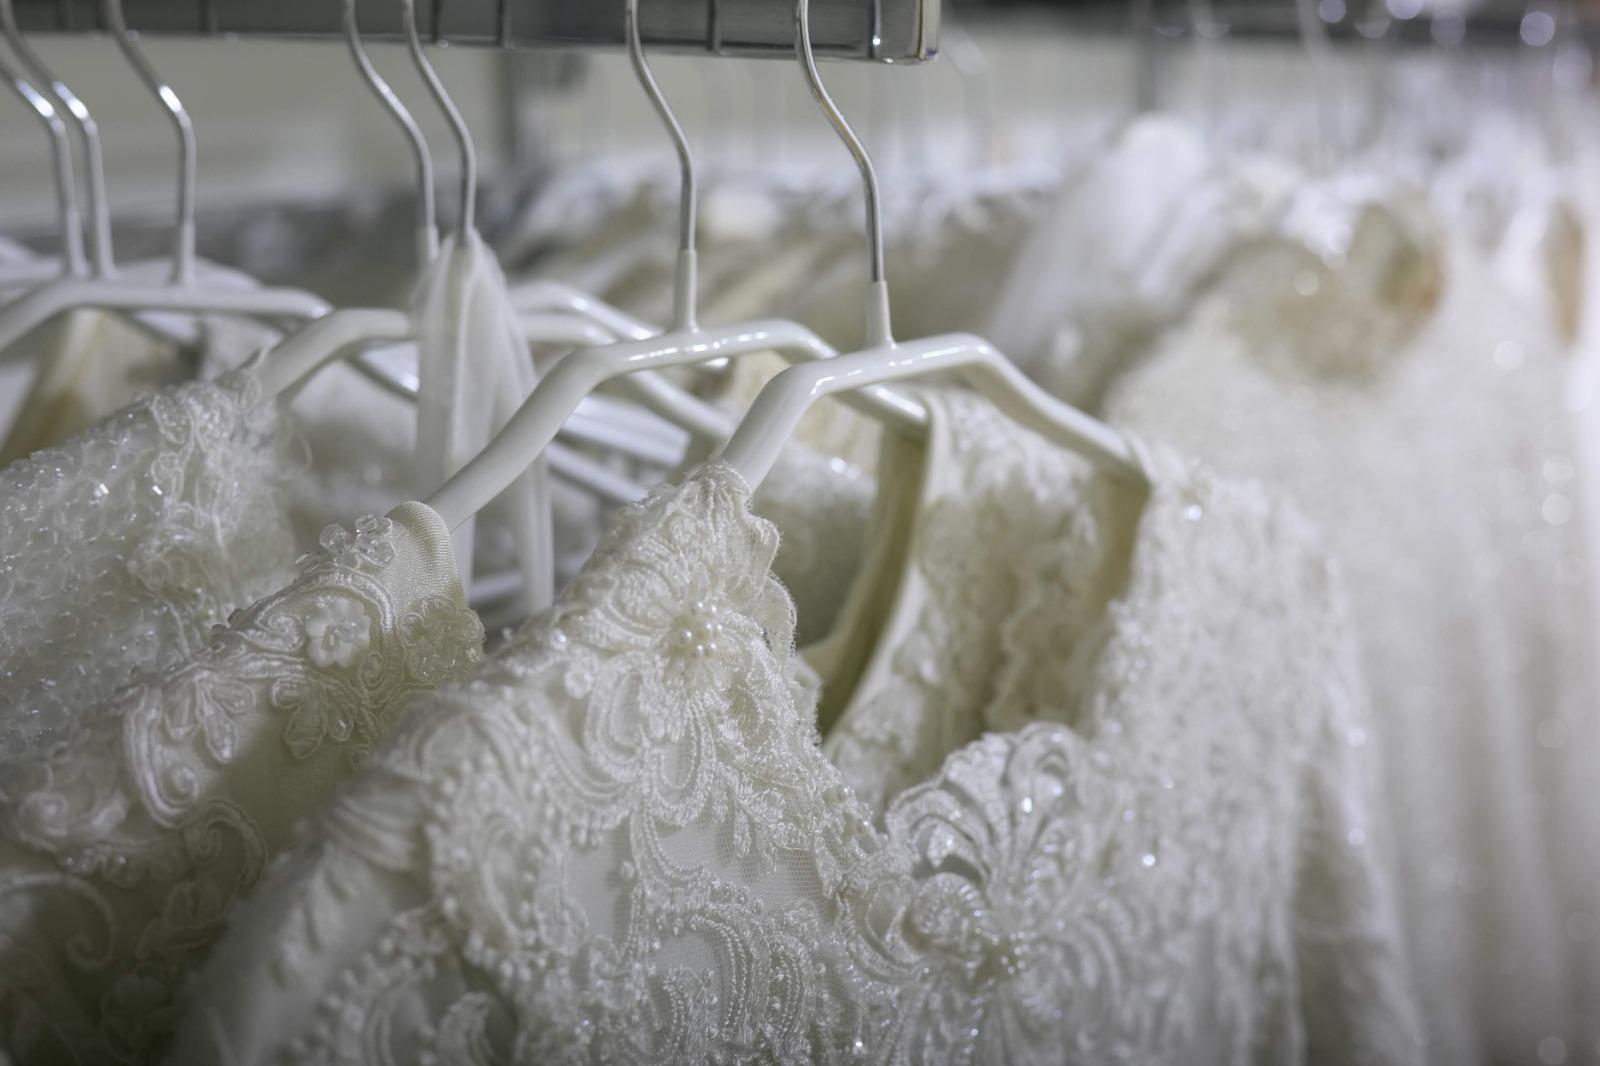 מעצבת האופנה שמגשימה את החלום למאות כלות חרדיות